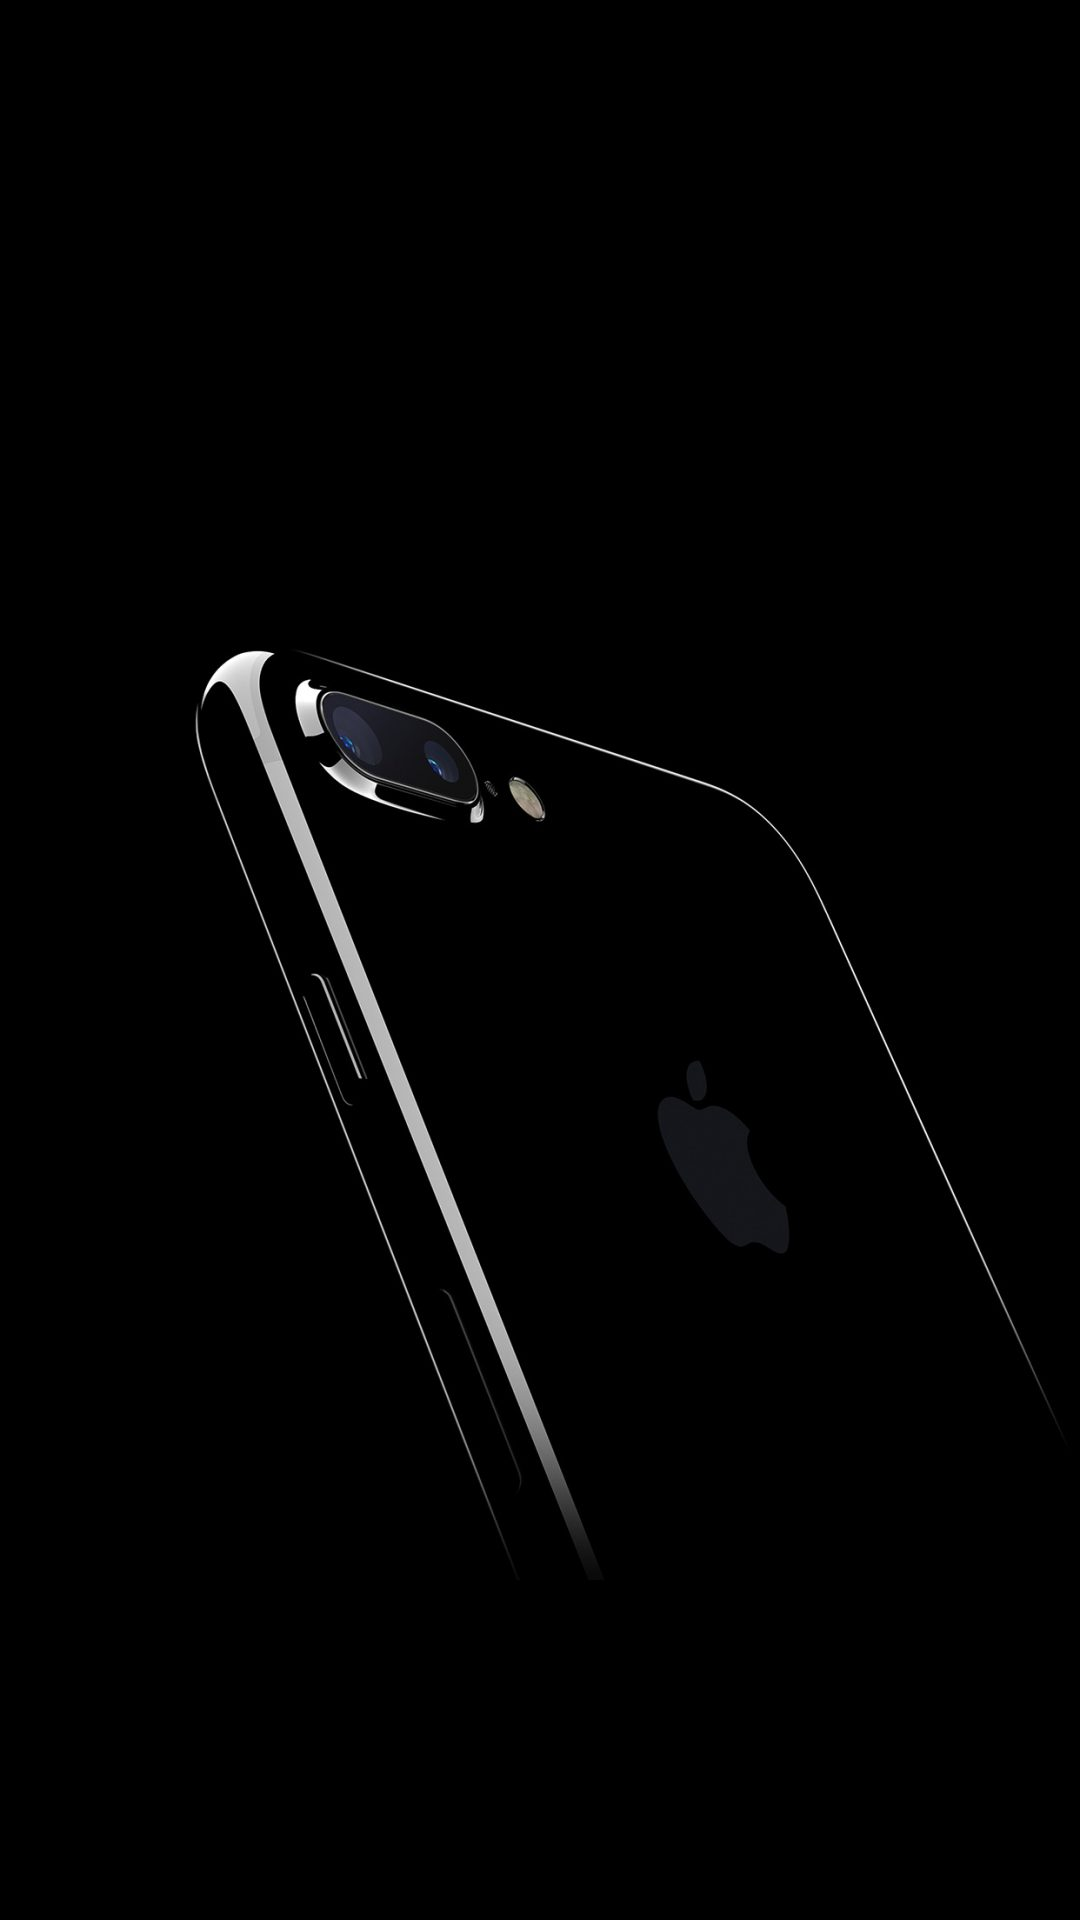 Iphone7 Jetblack Dark Apple Ios10 Art Illustration